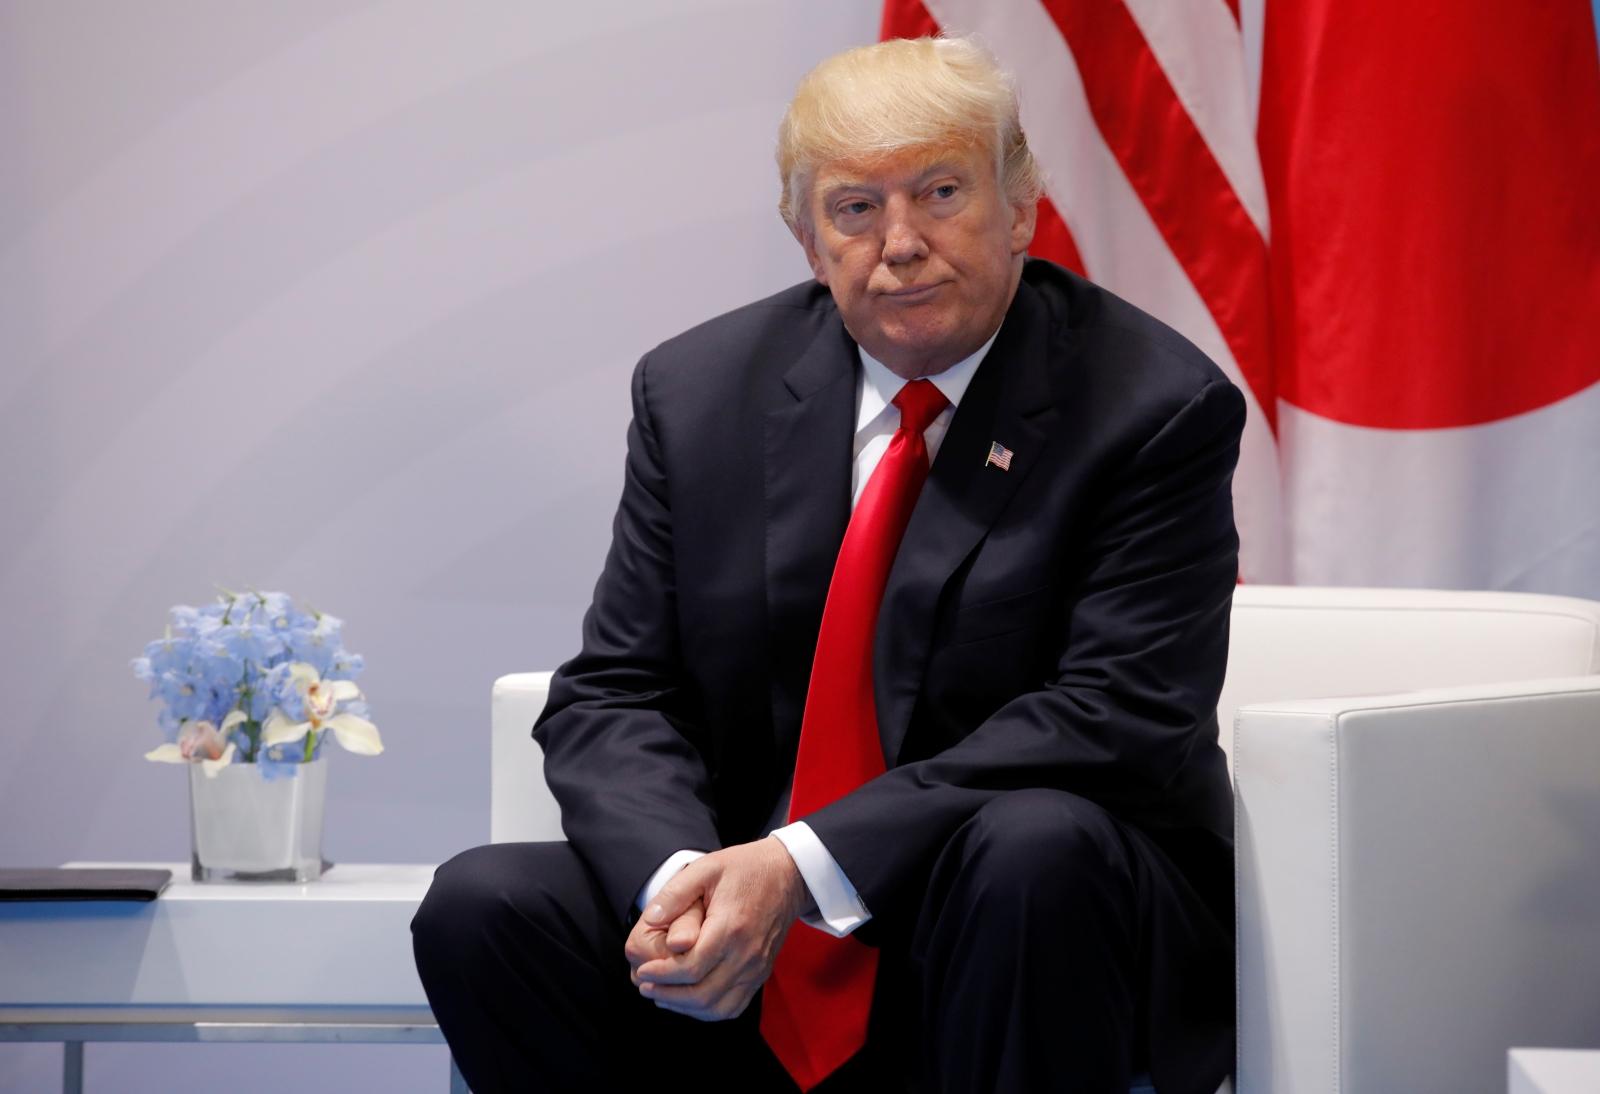 Trump g20